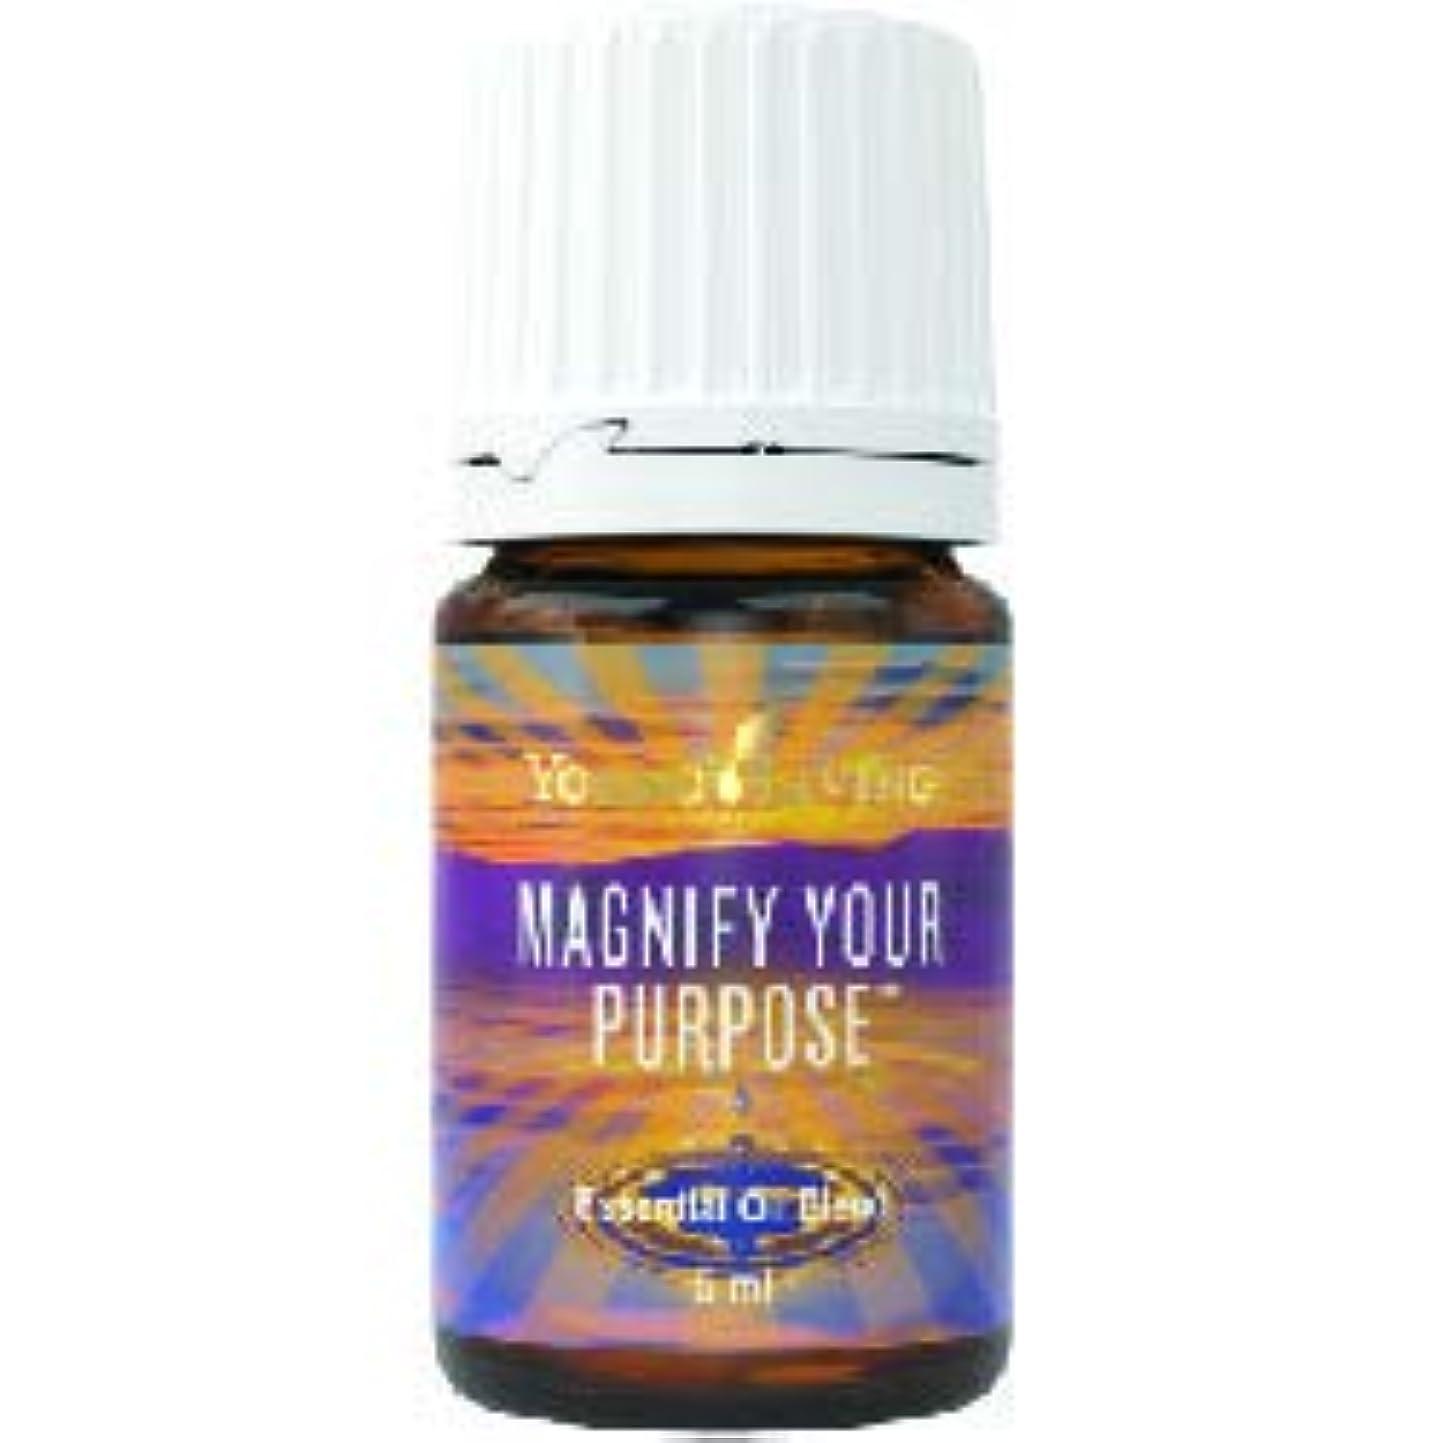 降ろす直径受け入れた目的を拡大するエッセンシャルオイル ヤングリビングエッセンシャルオイルマレーシア5ml Magnify Your Purpose Essential Oil 5ml by Young Living Essential Oil...